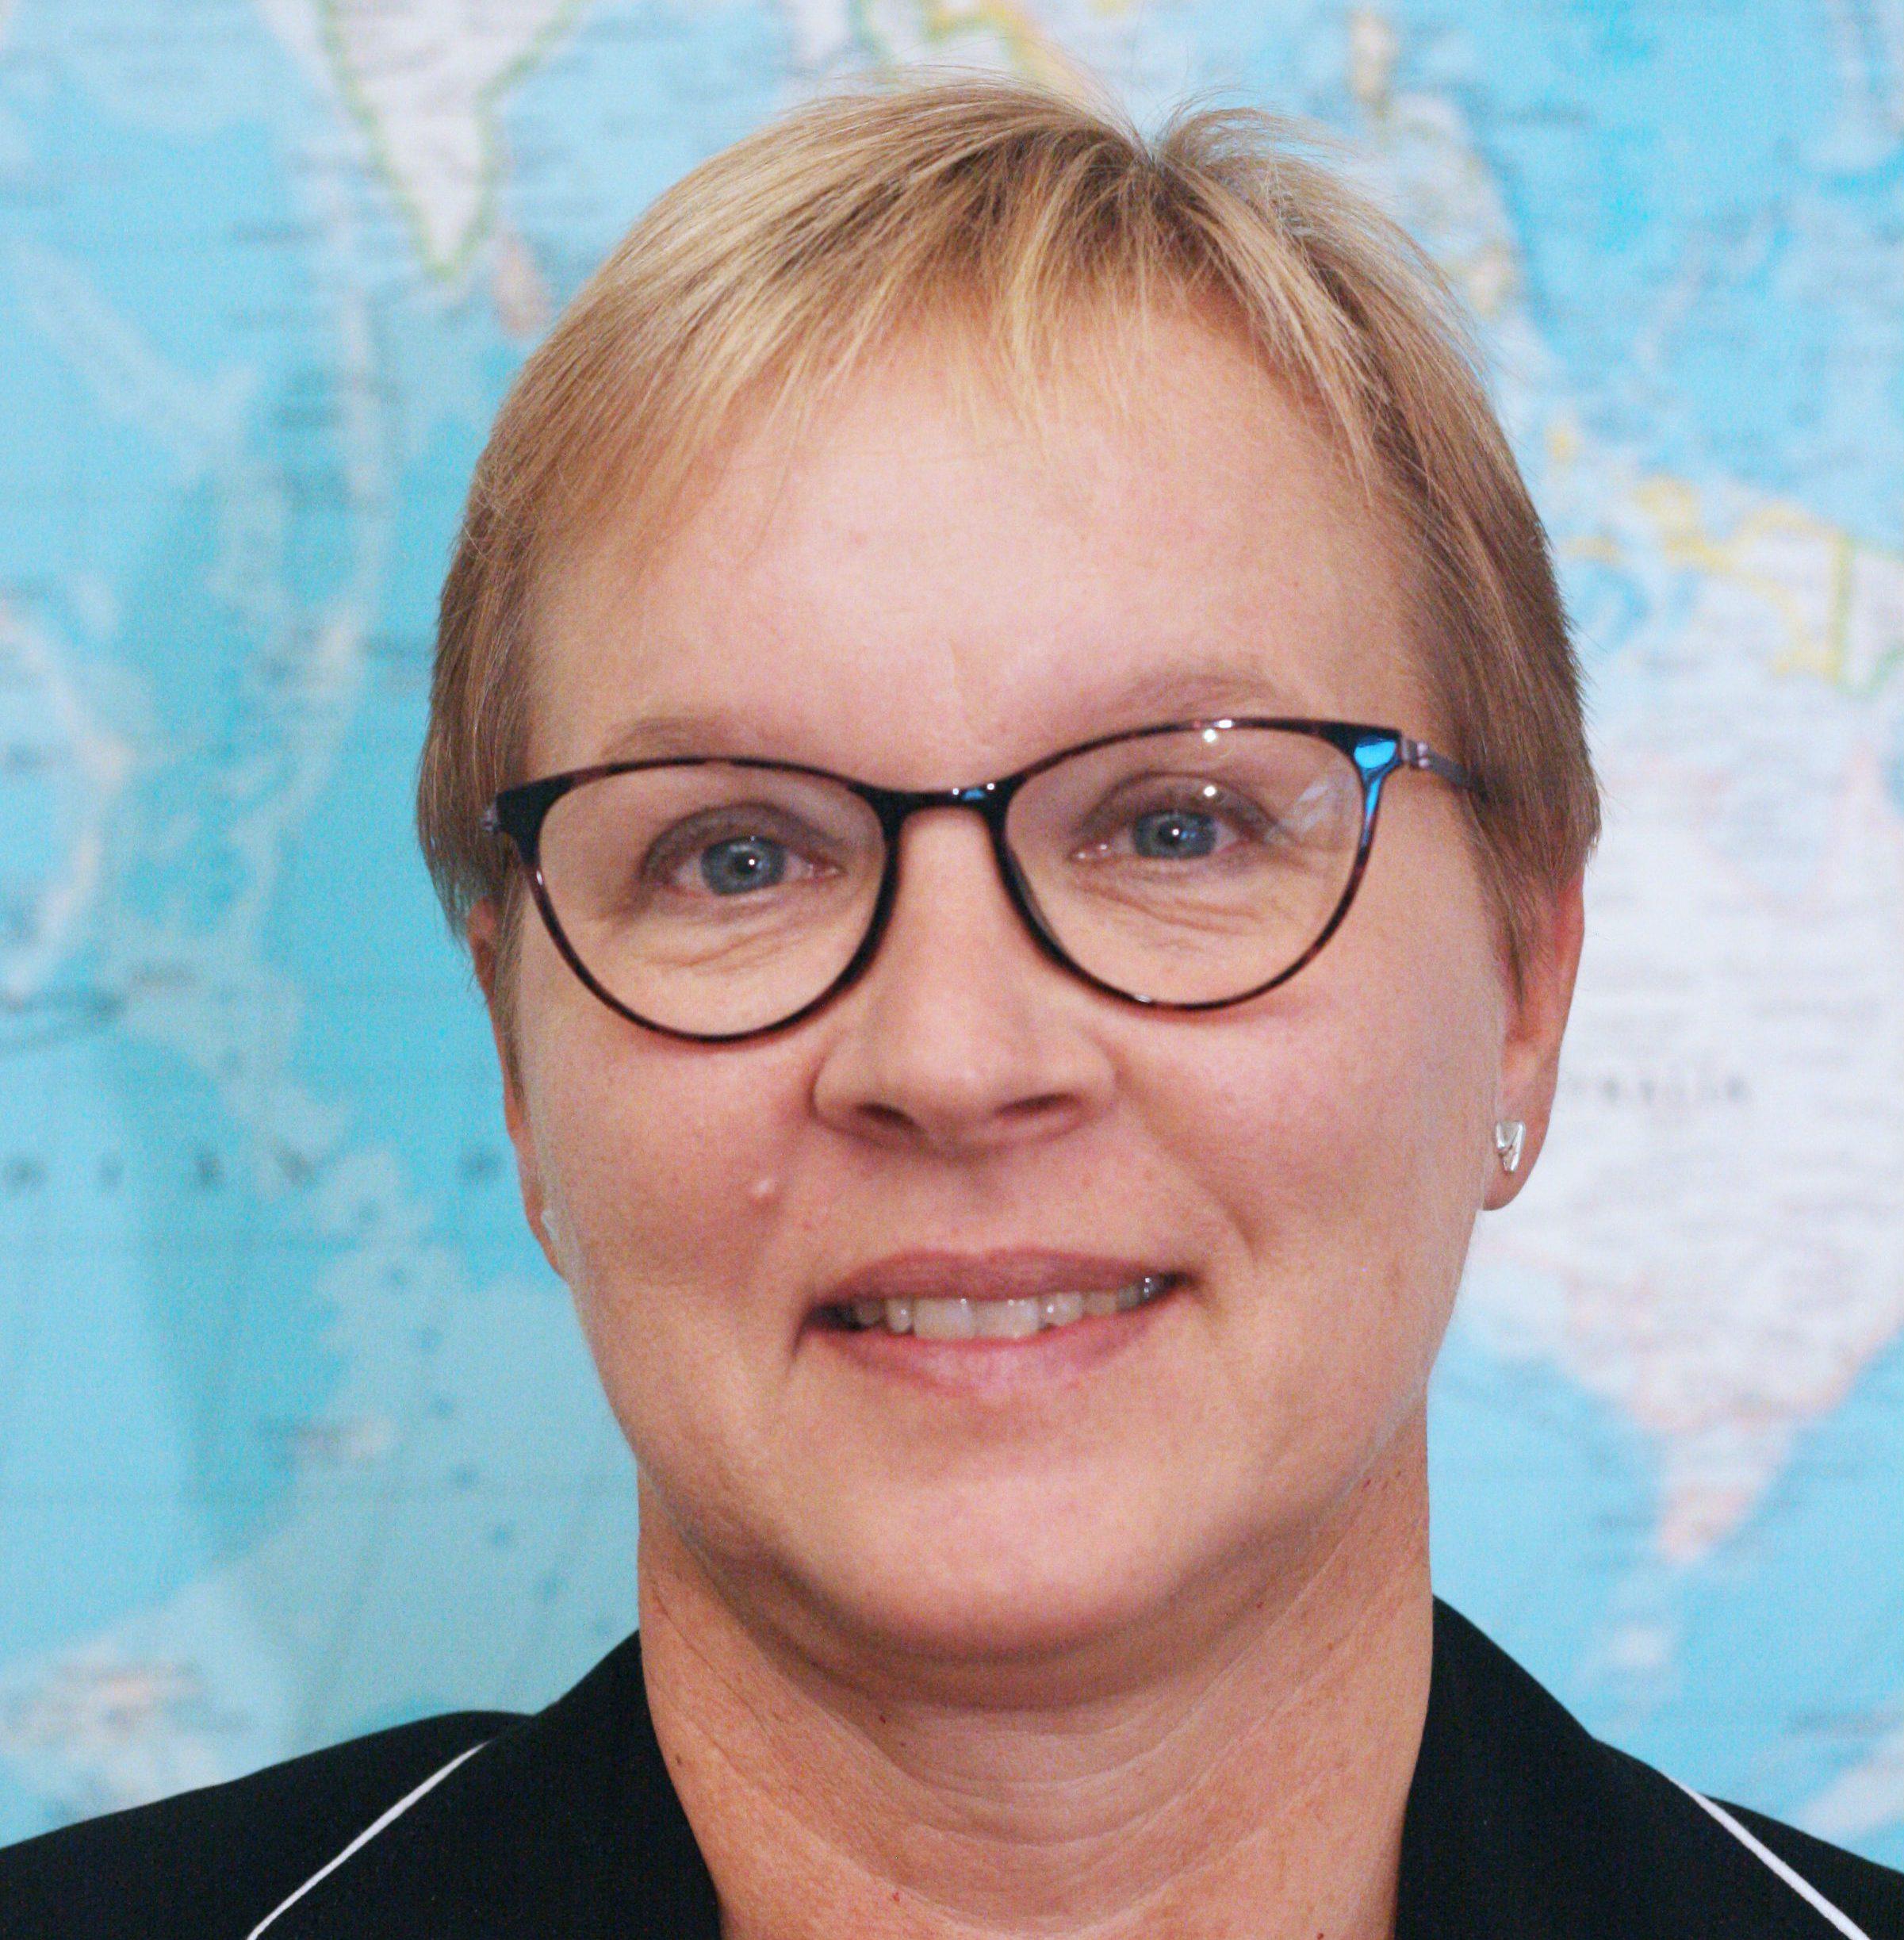 Britta Betzer Ankersen